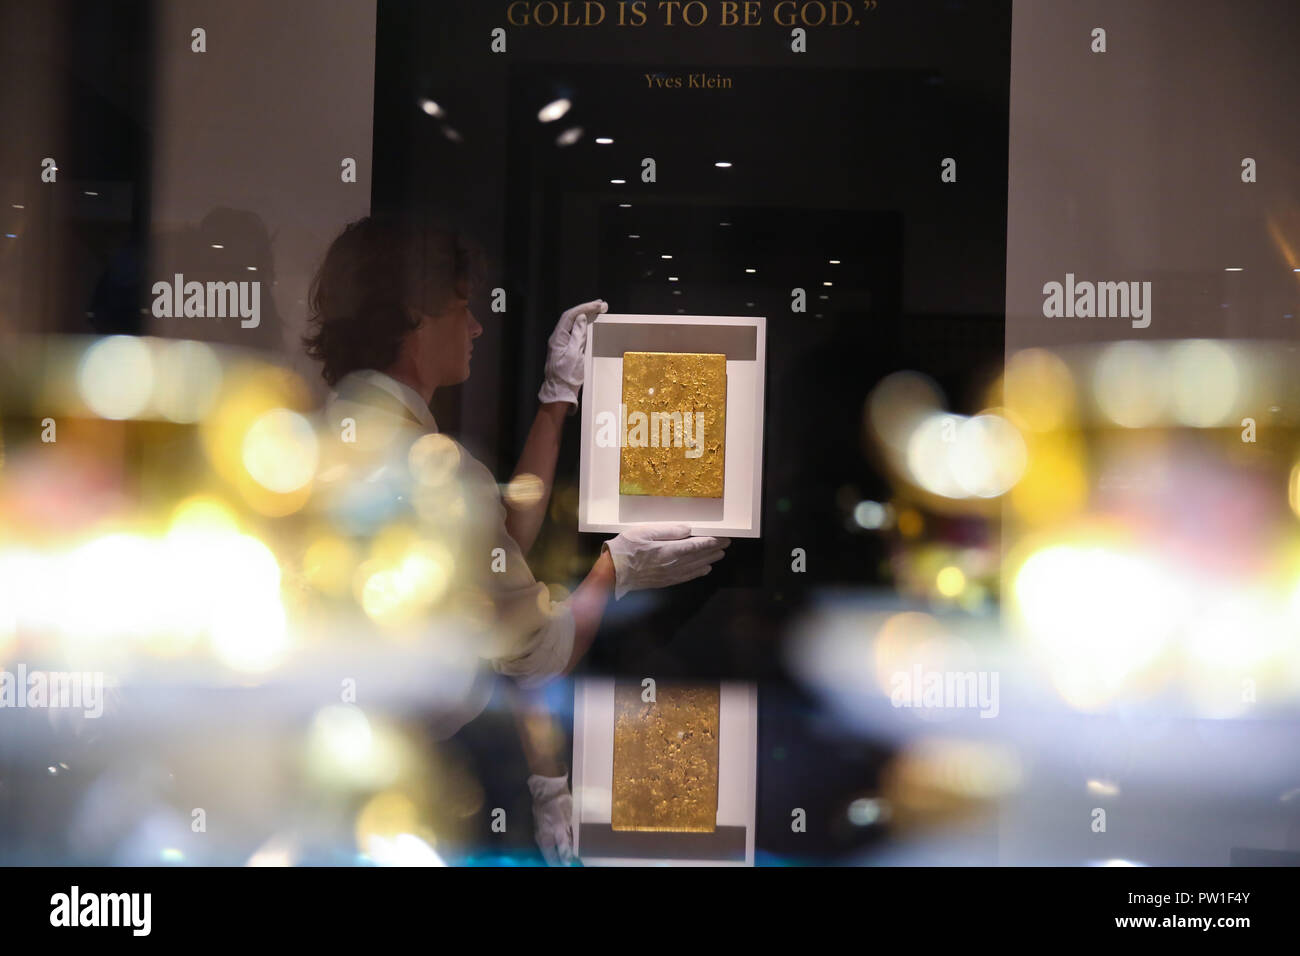 Yves Klein Stock Photos & Yves Klein Stock Images - Alamy